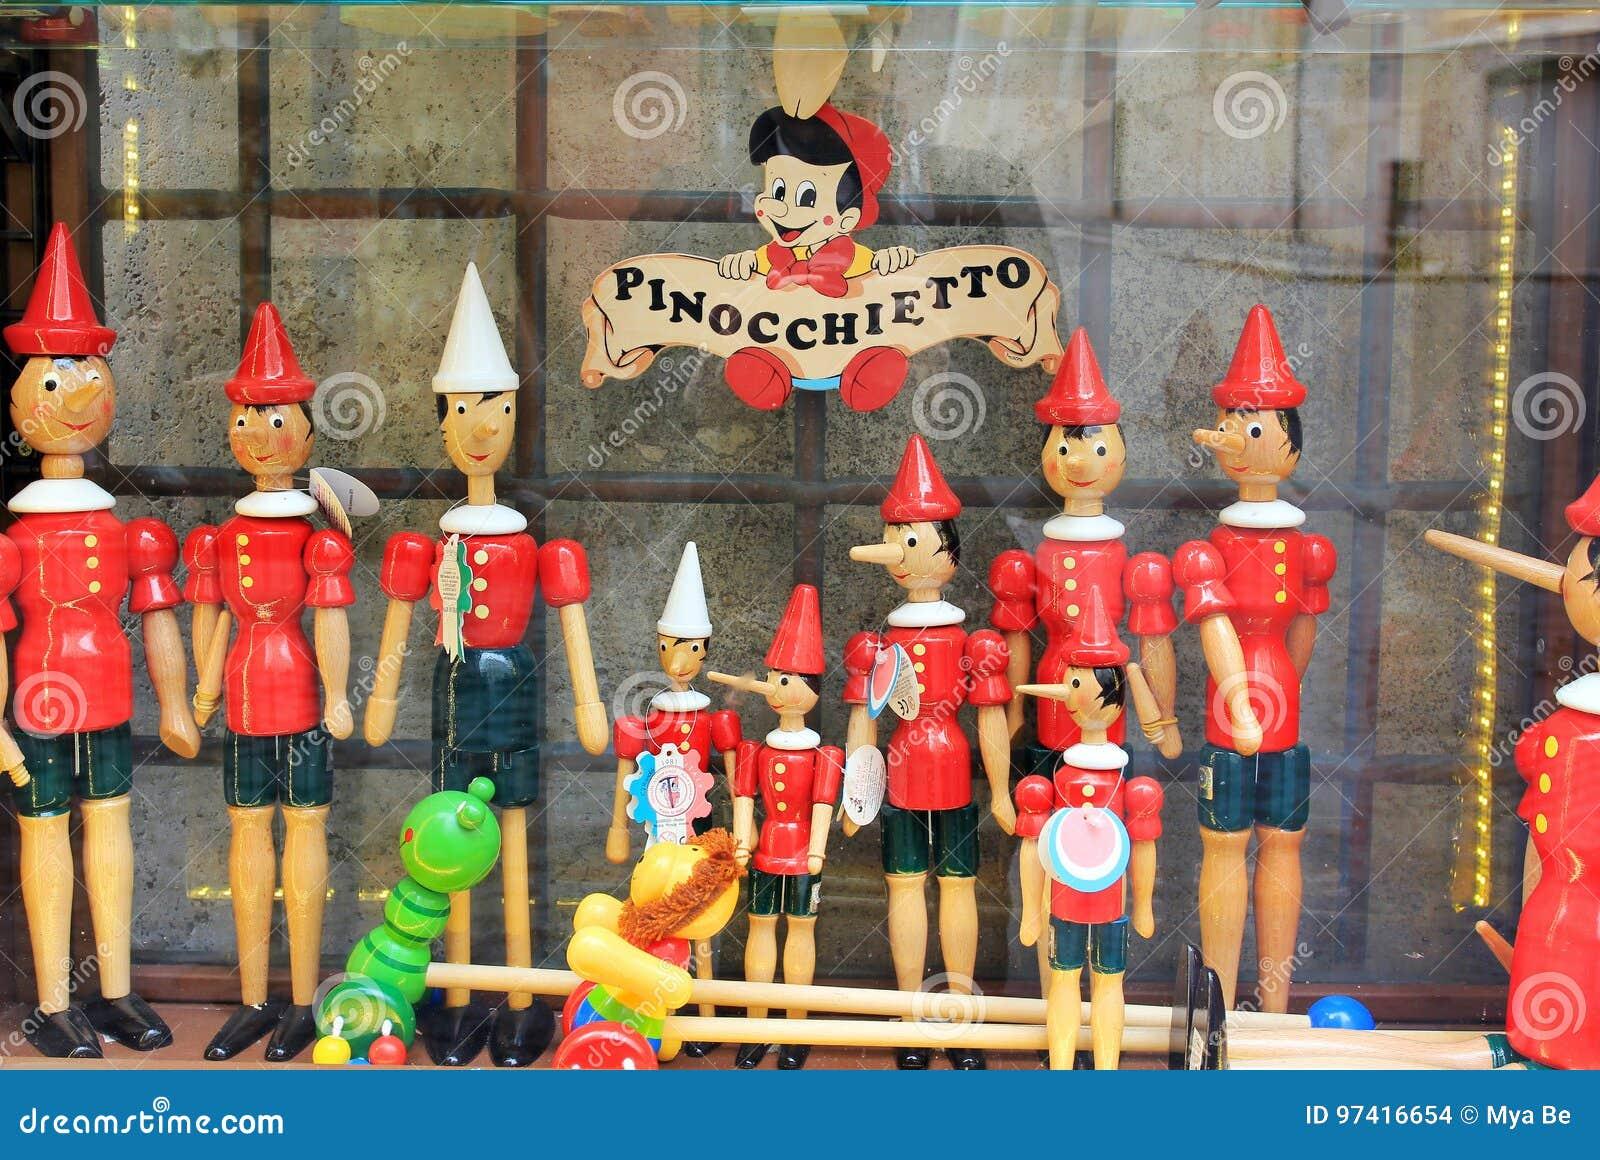 Magasin de Pinocchio à Rome, Italie